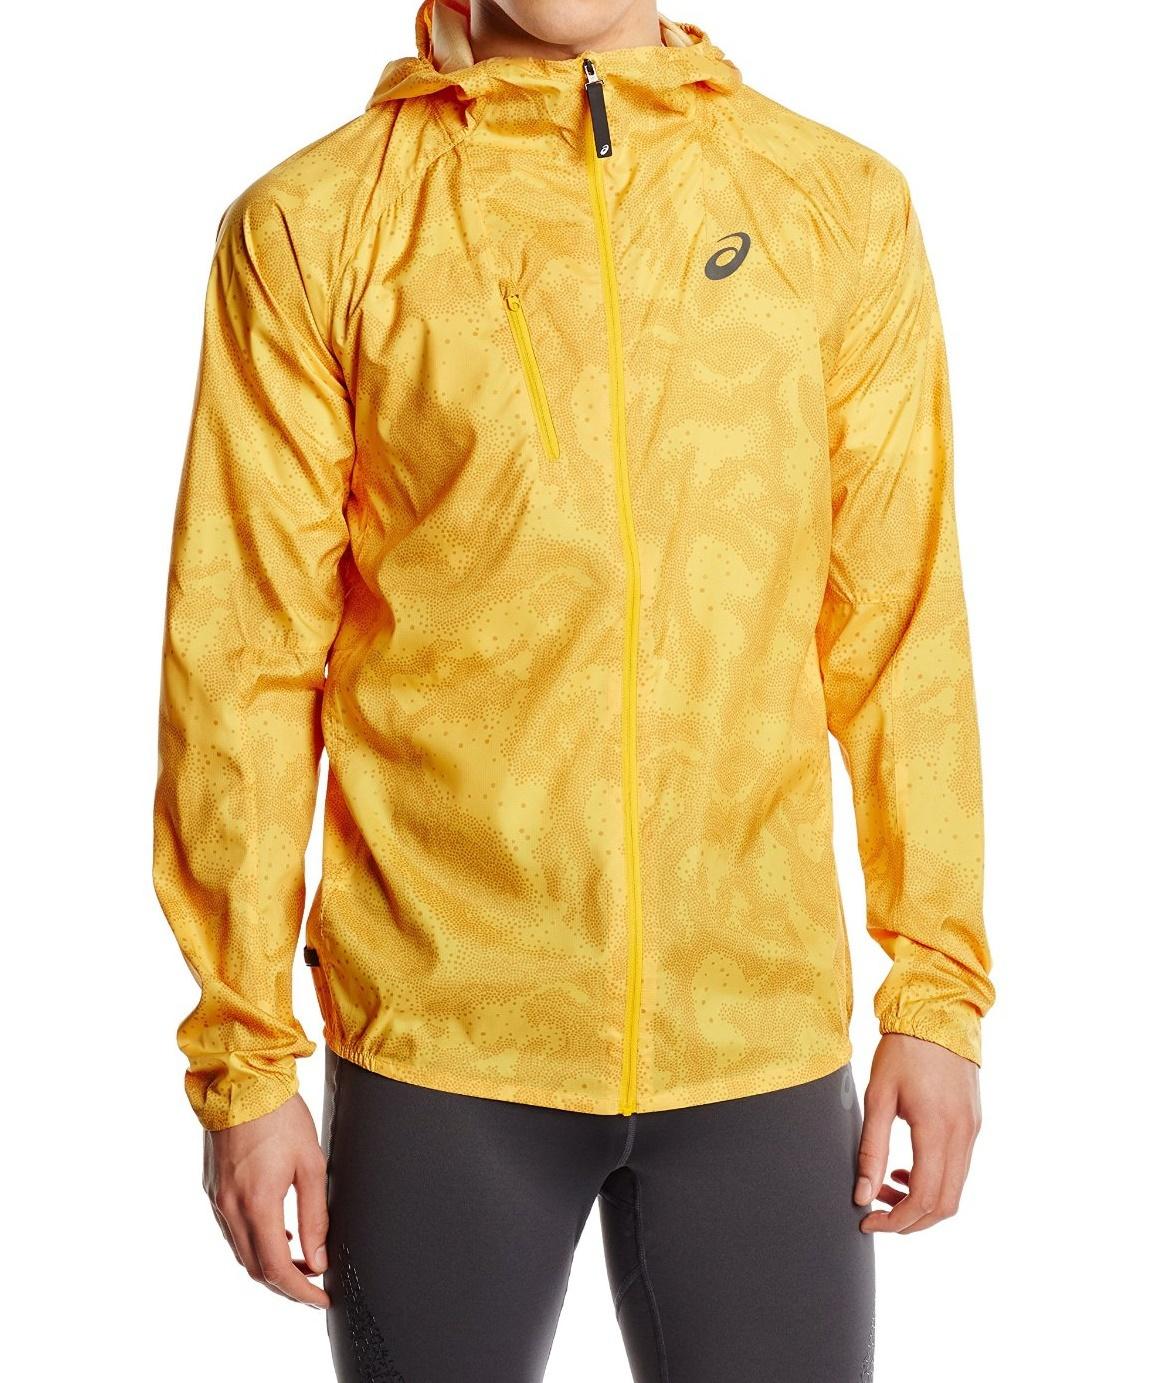 Мужская ветровка для бега Asics FujiTrail Pack Jacket (125146 0127) желтая фото